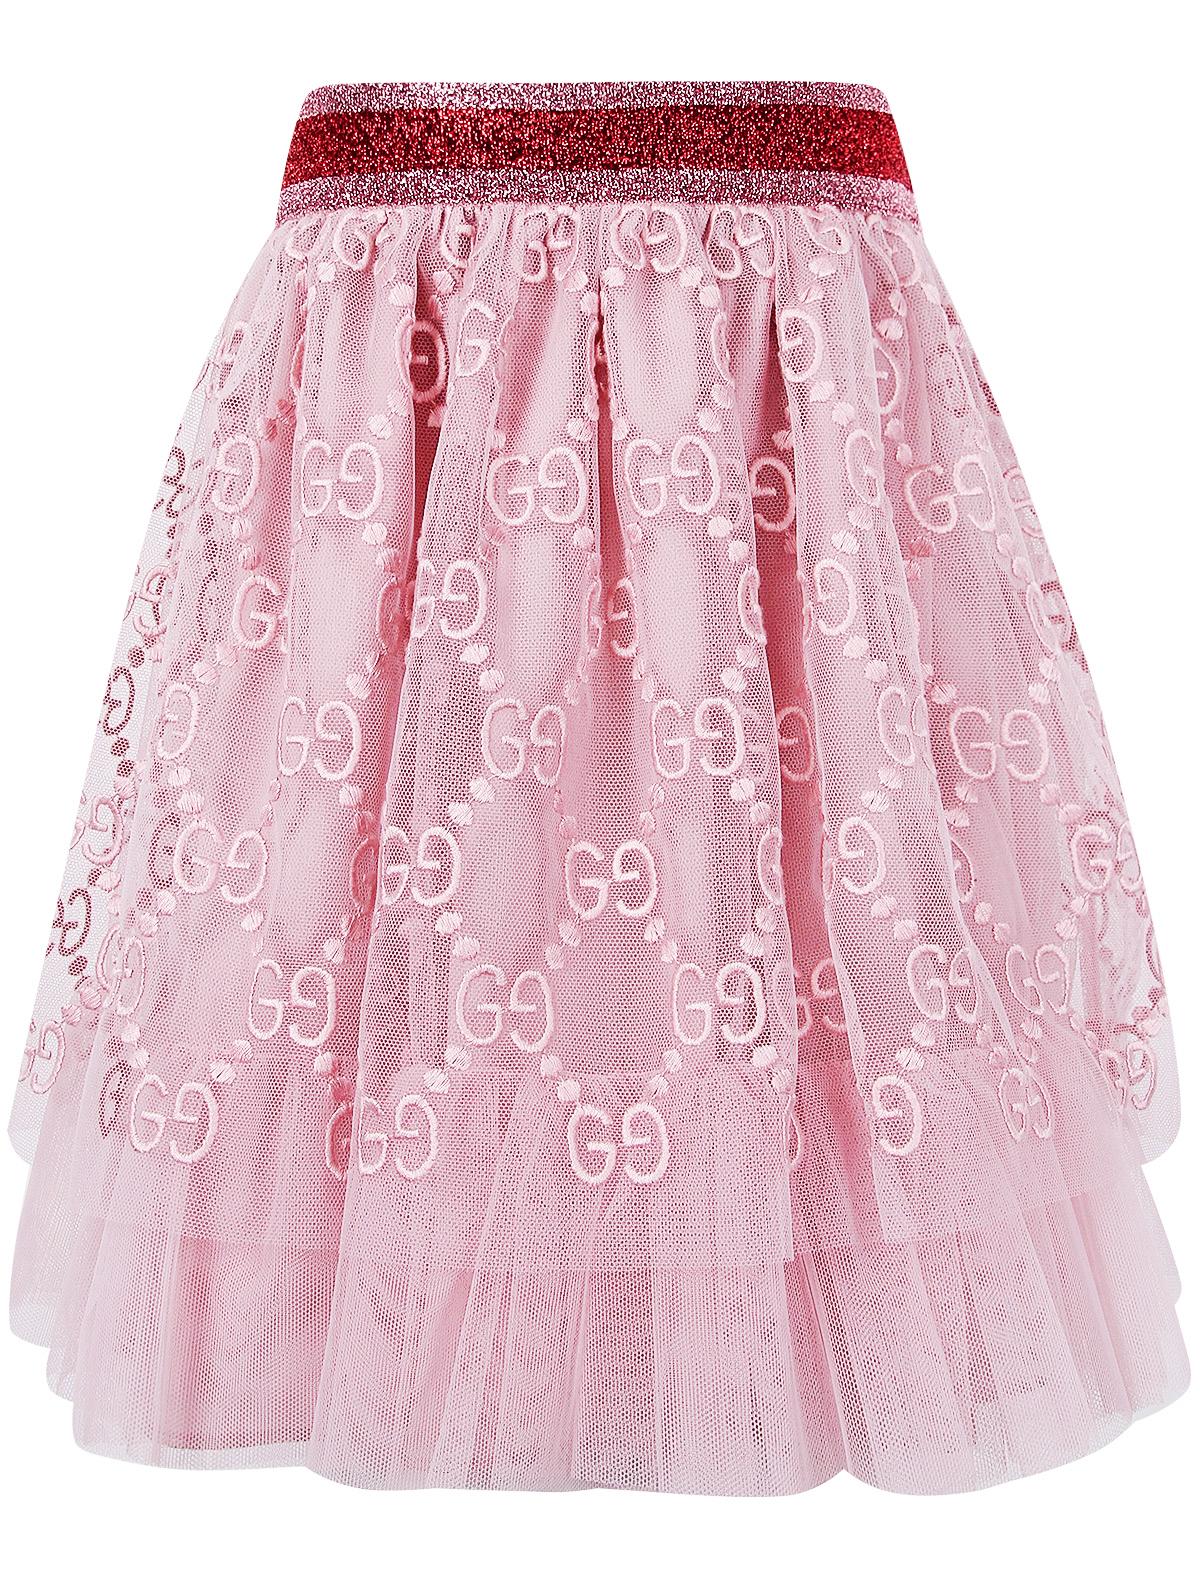 Купить 1947697, Юбка GUCCI, розовый, Женский, 1042609970031